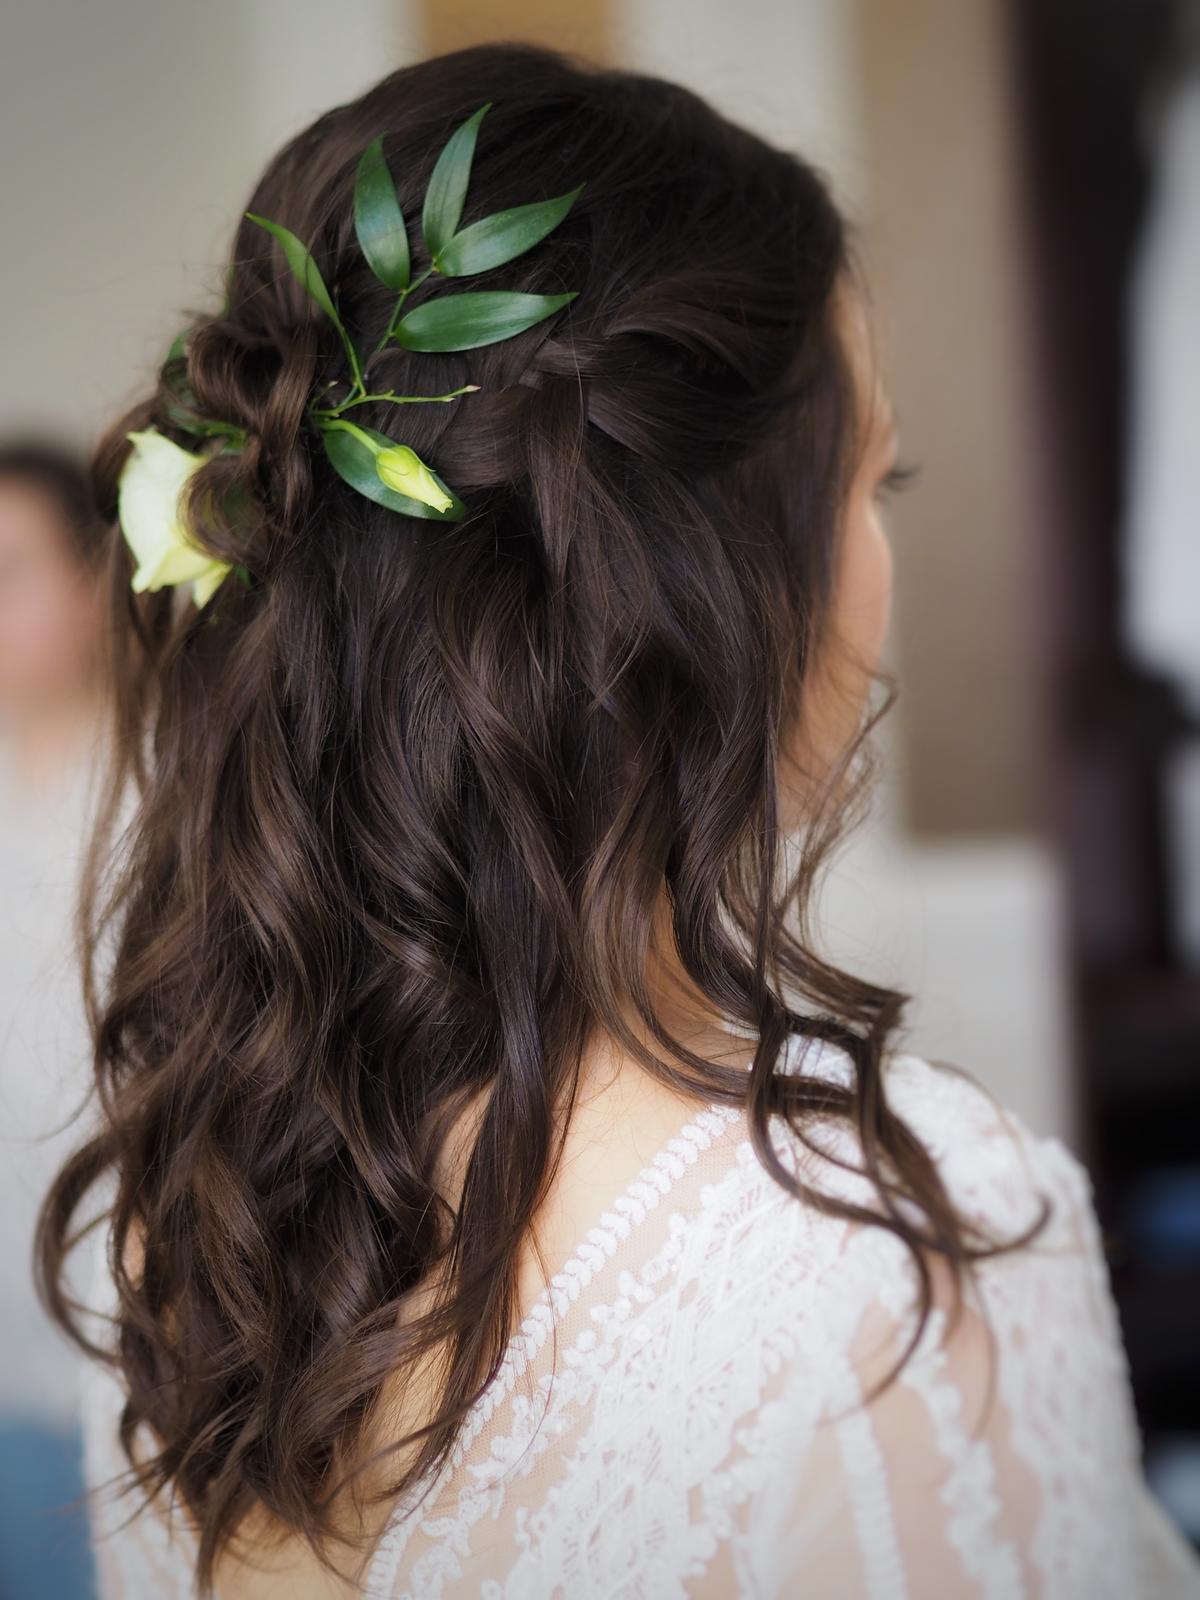 Účesy 2020 - Účes z volných vlasů pro nevěstu, nedbalé vlny s rovnými konci a zapletenými vlásky pryč z čela💛